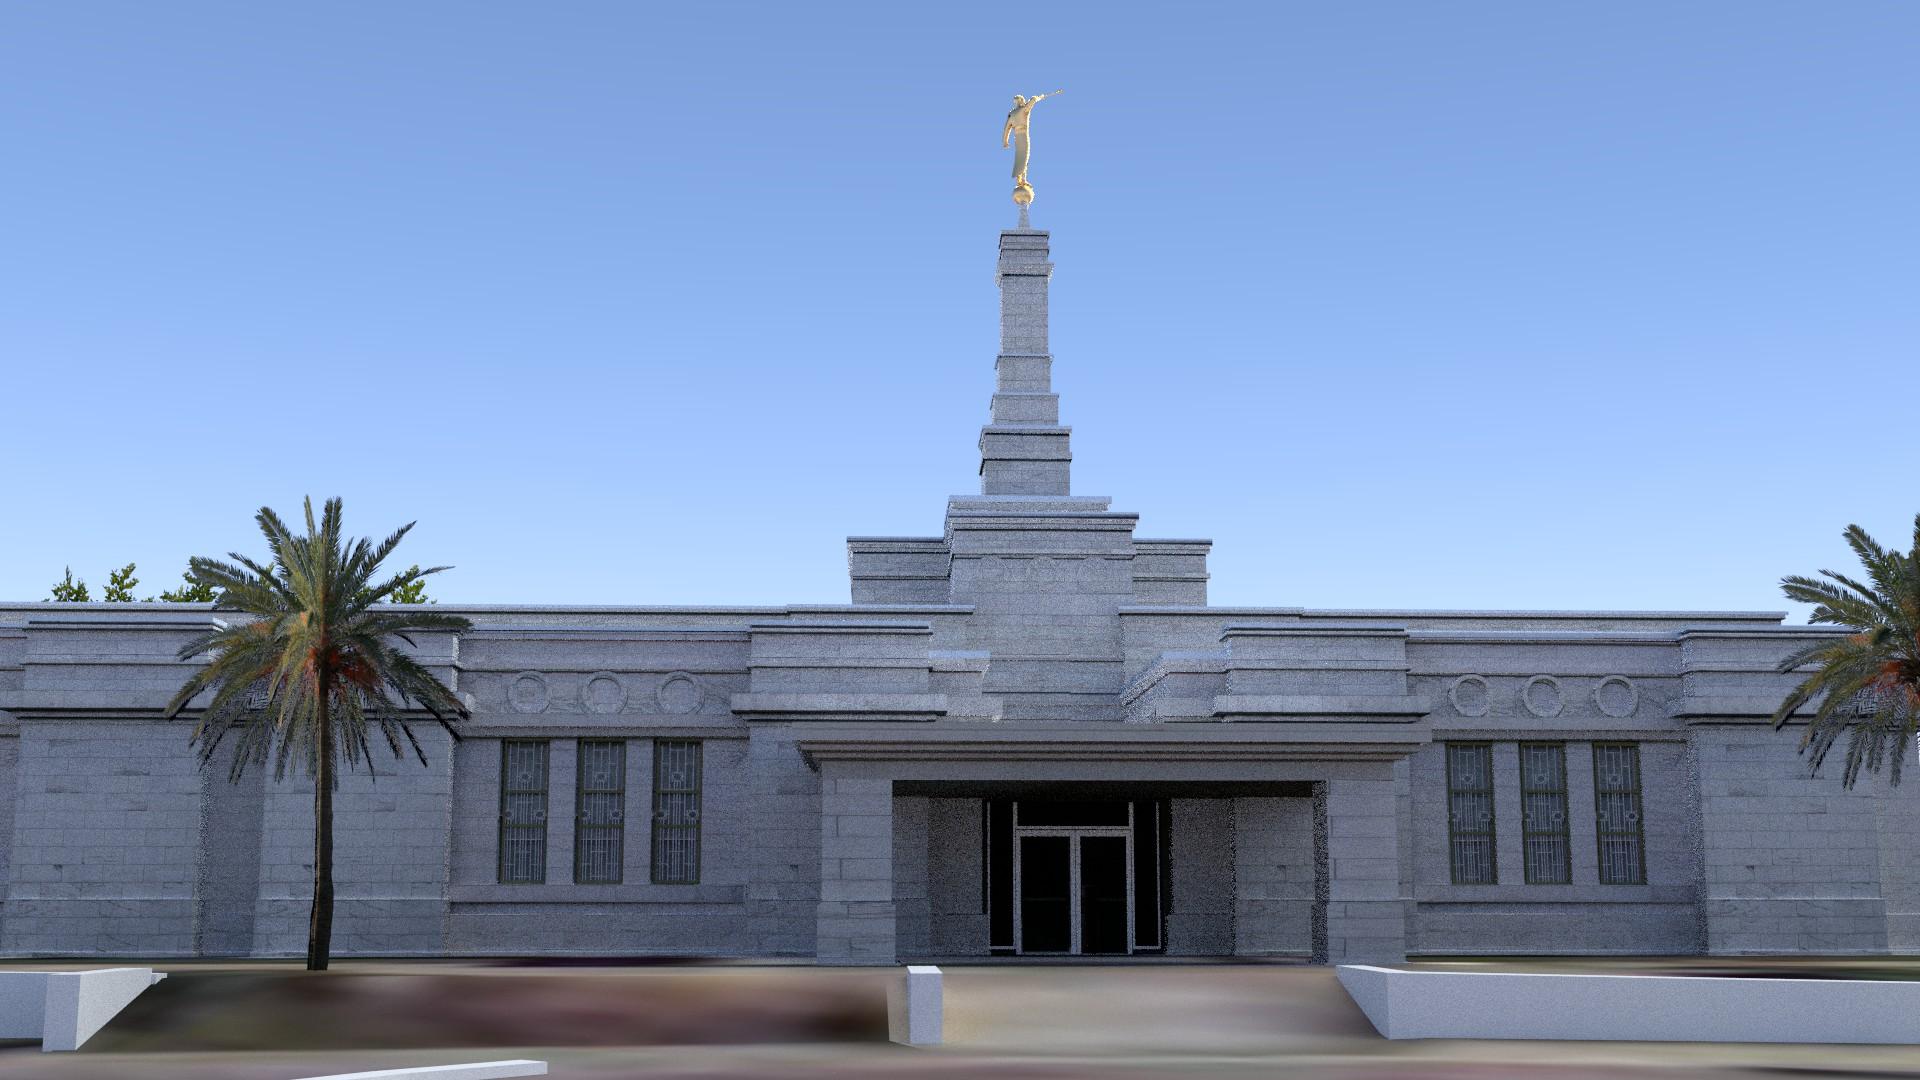 Tampico Mexico Temple